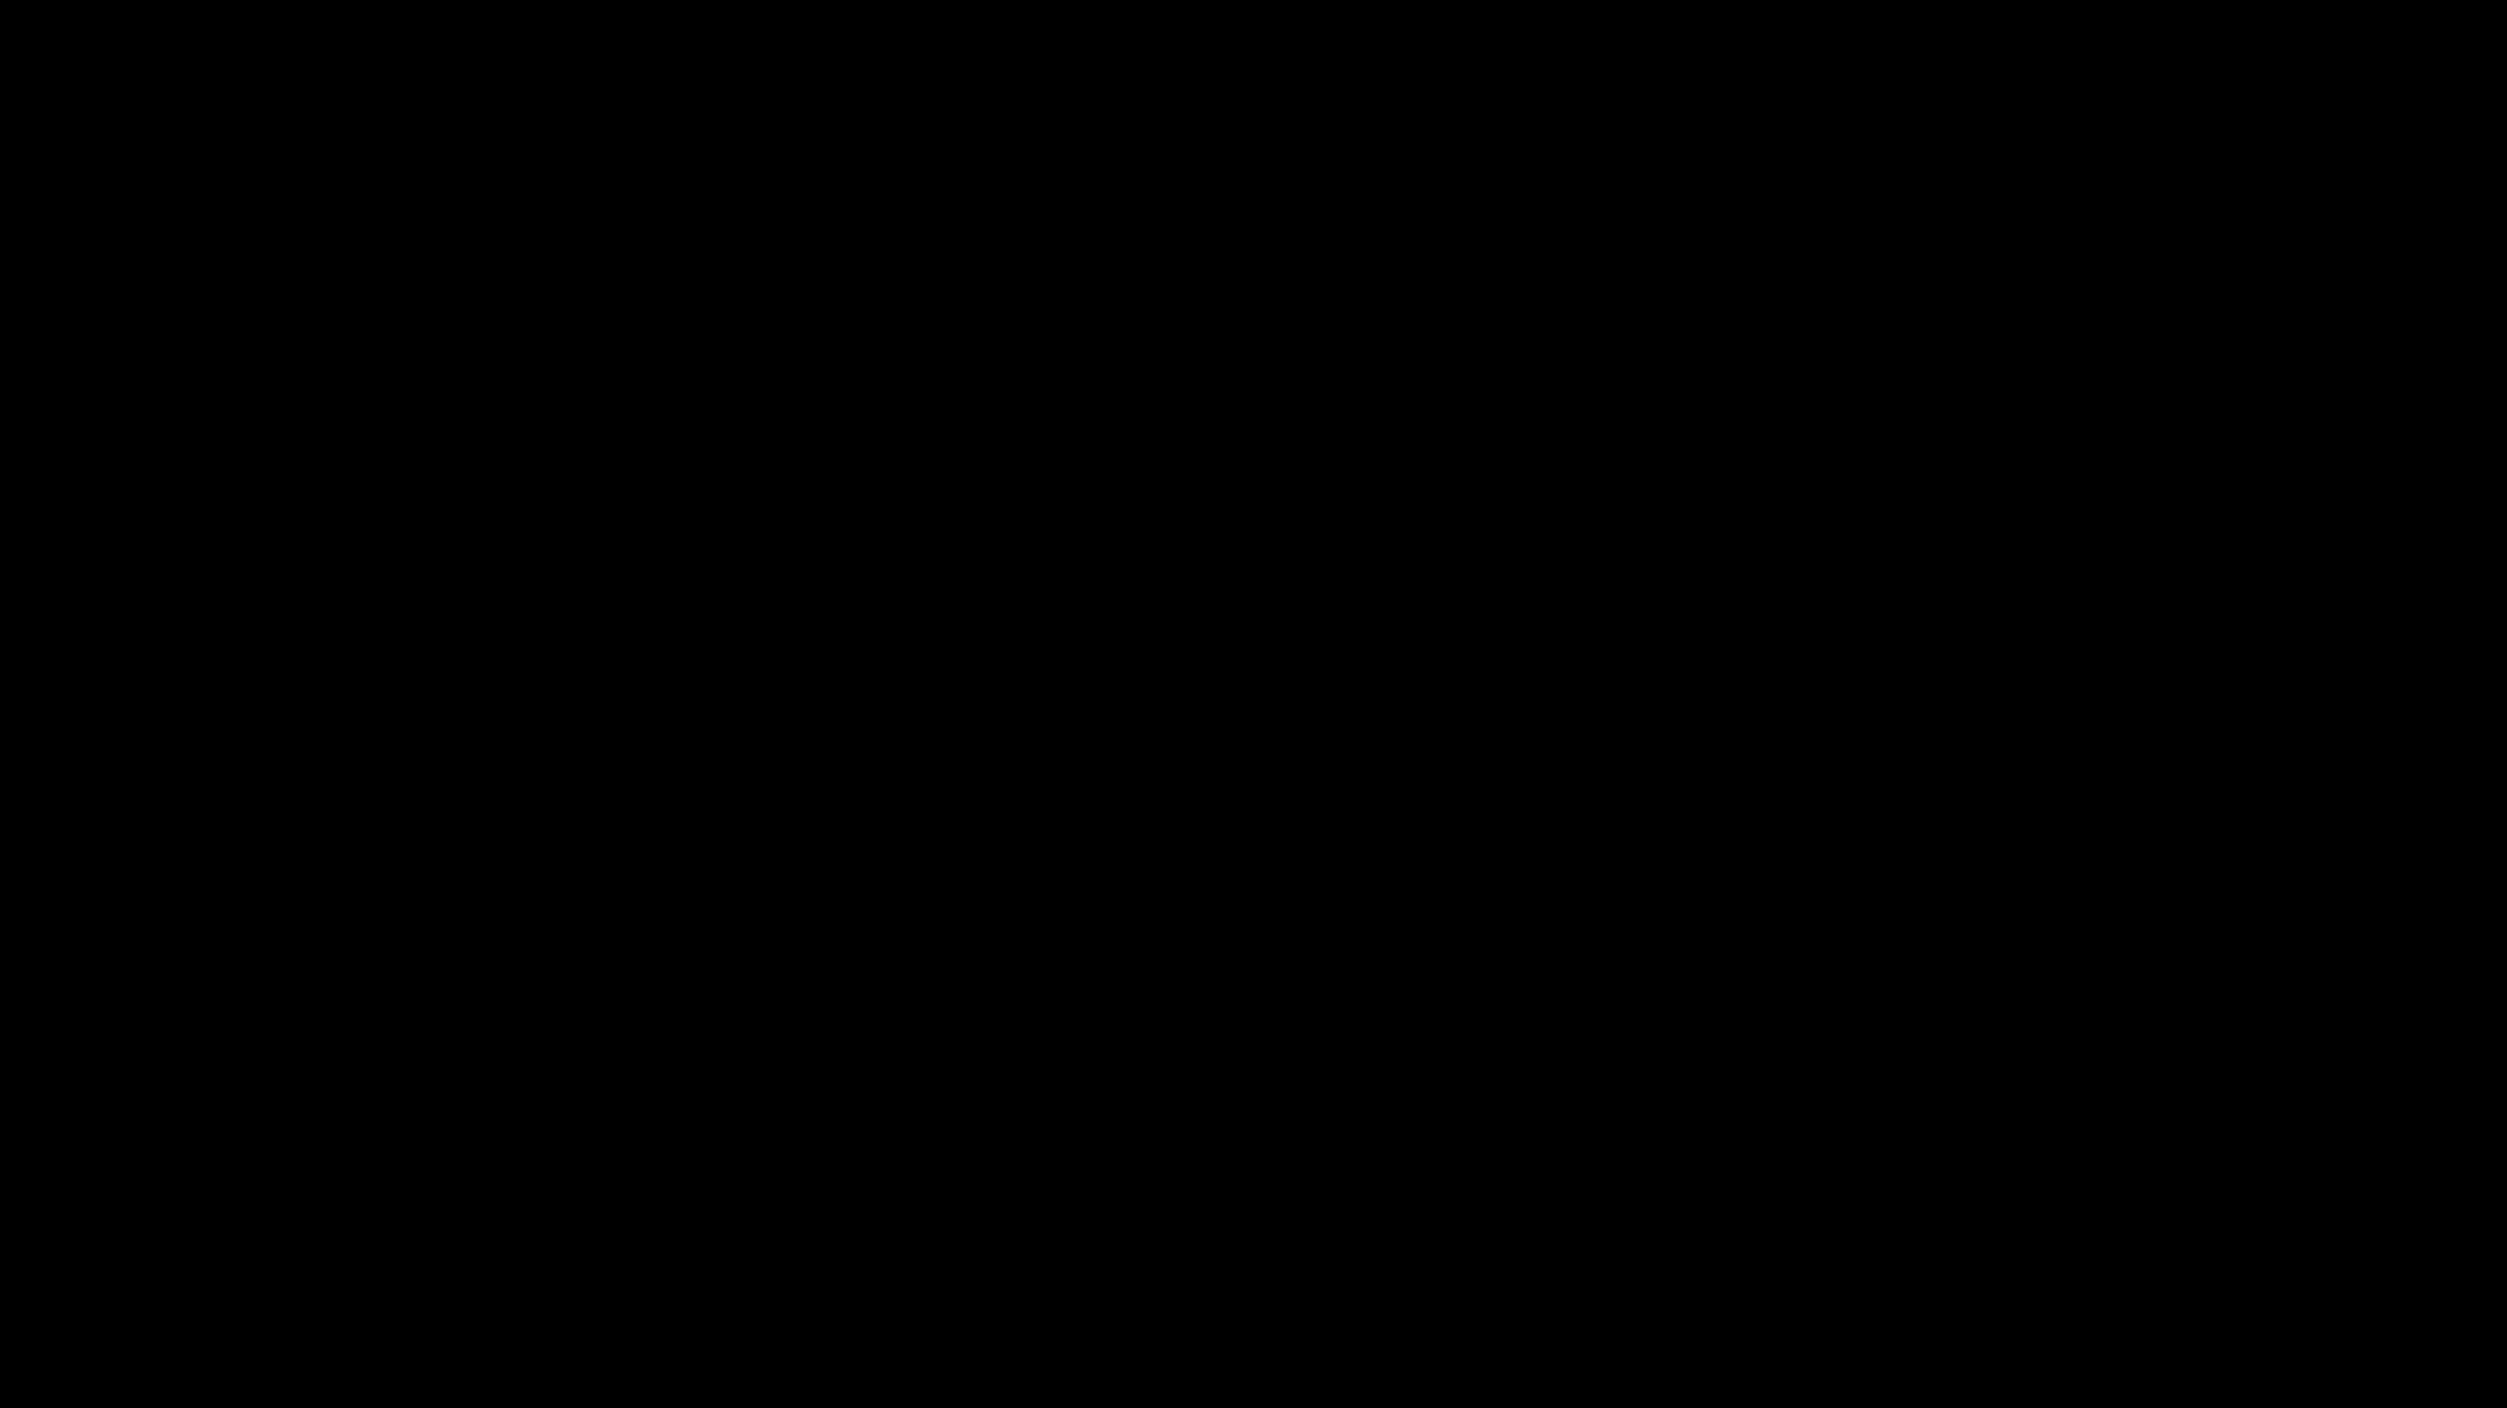 DSCN5759